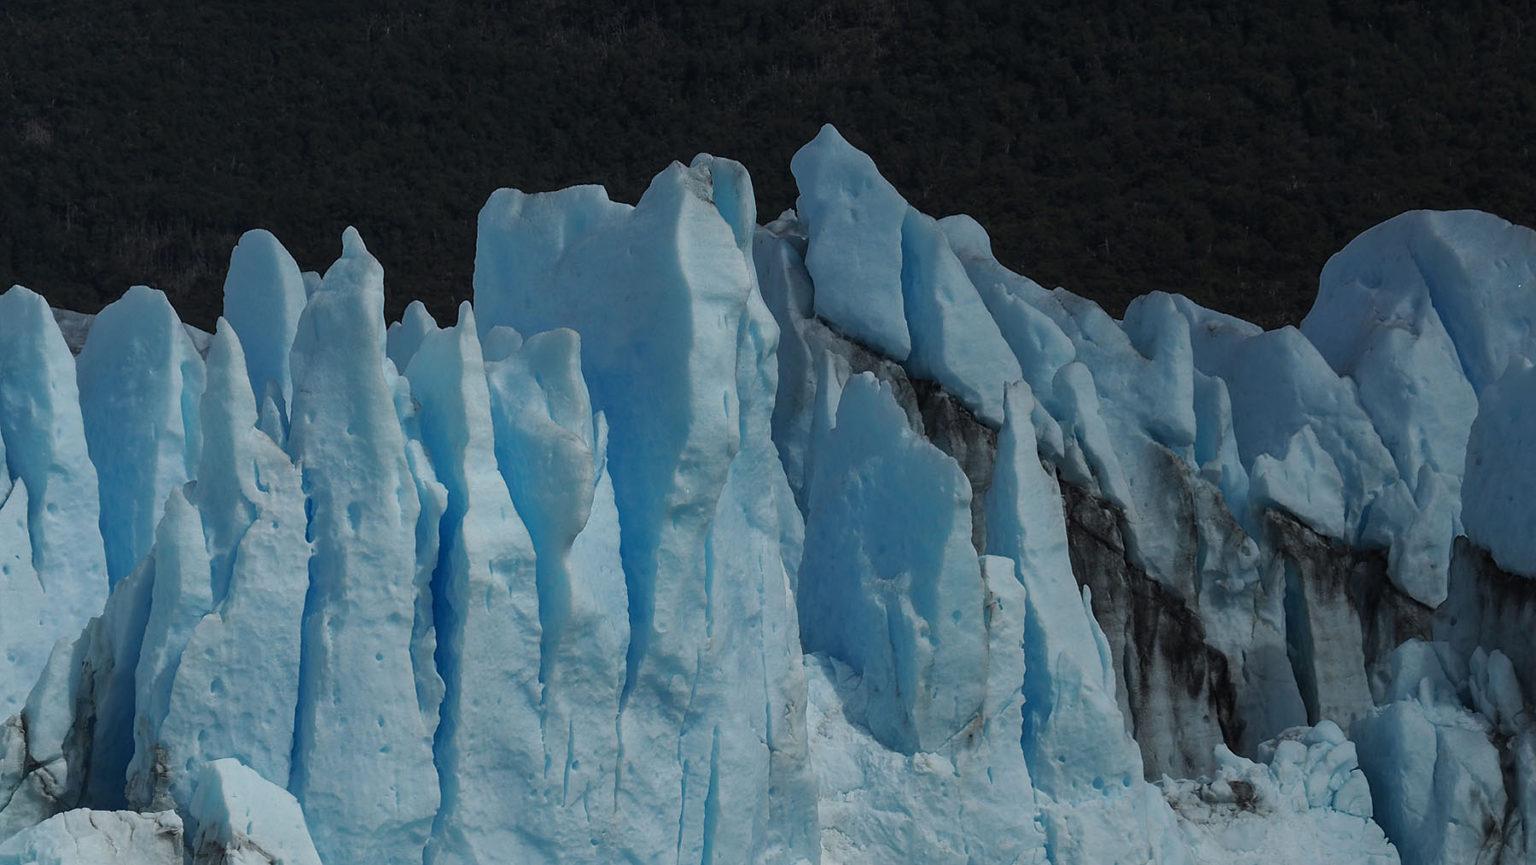 Die Aschespur  eines Vulkanausbruchs  zieht sich durch das Eis